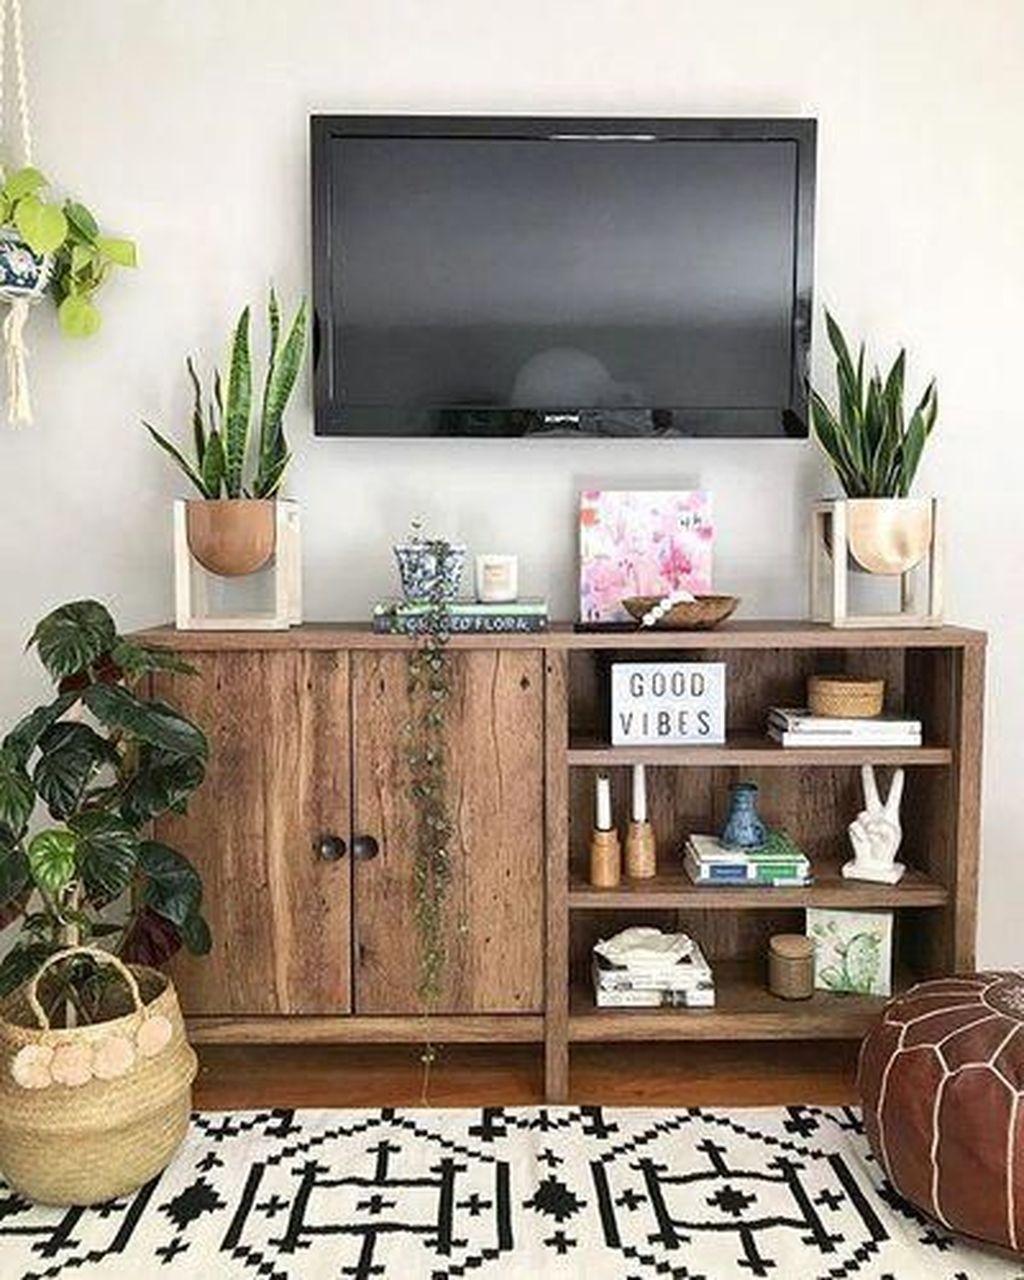 Brilliant Tiny Apartment Decorating Ideas You Should Copy 06